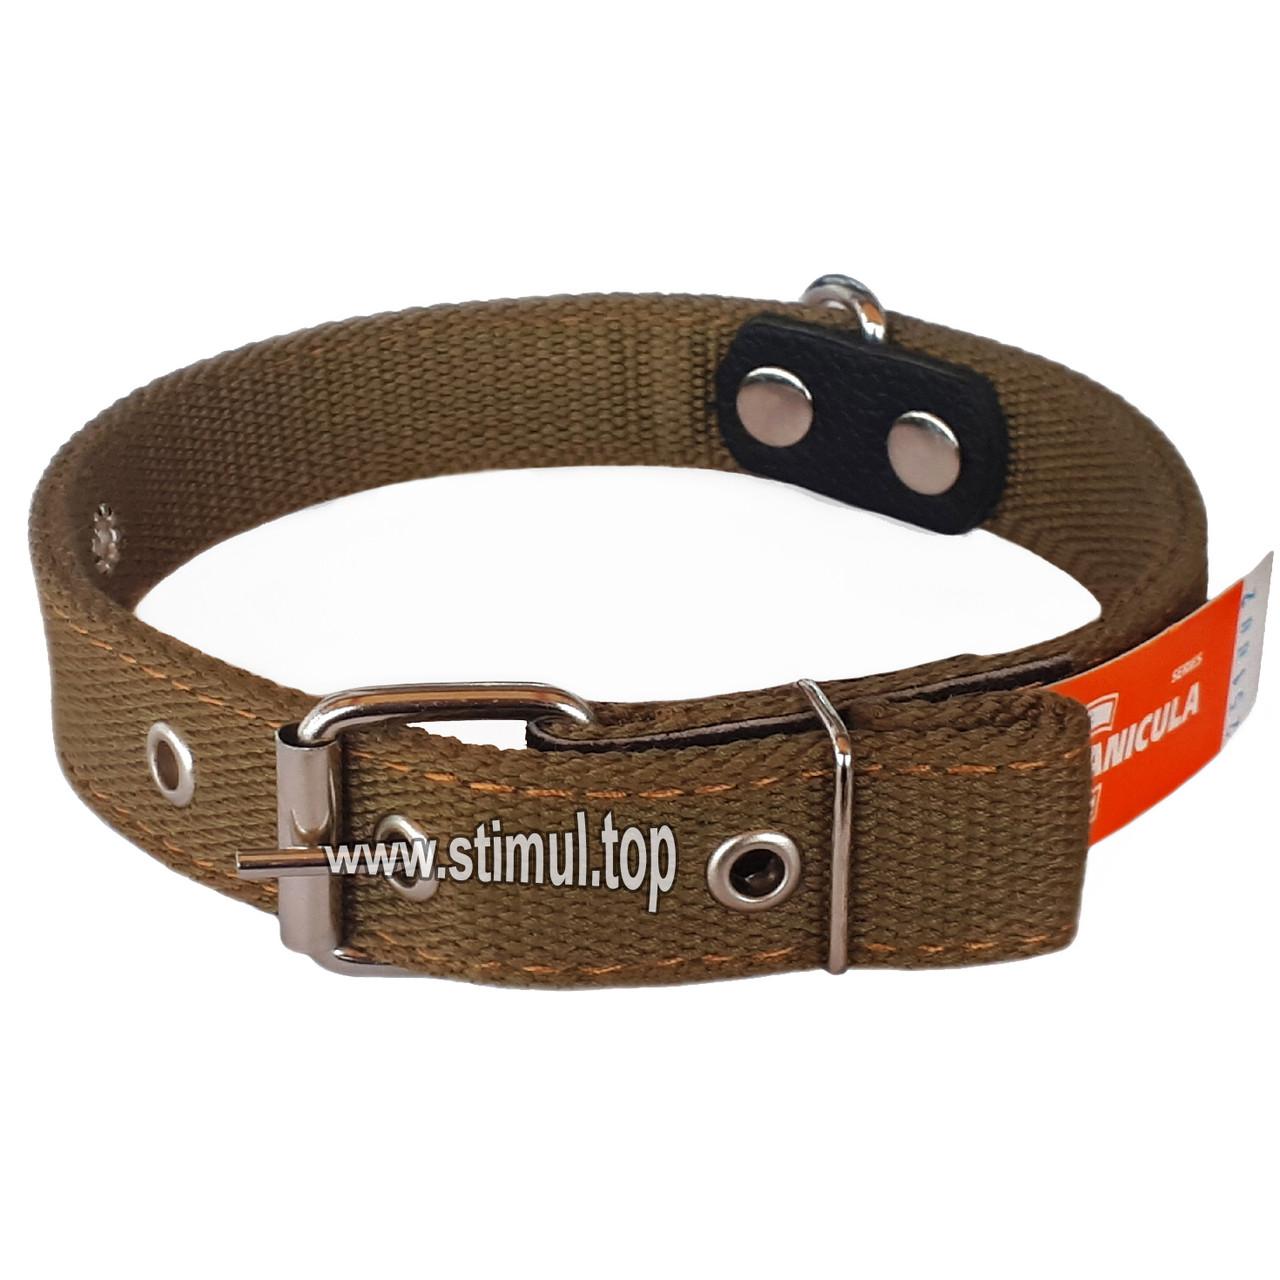 Ошейник двойной 30 мм х 640 мм брезентовый / усиленный с кольцом / двухслойный / ошийник для собак ТМ Canicula